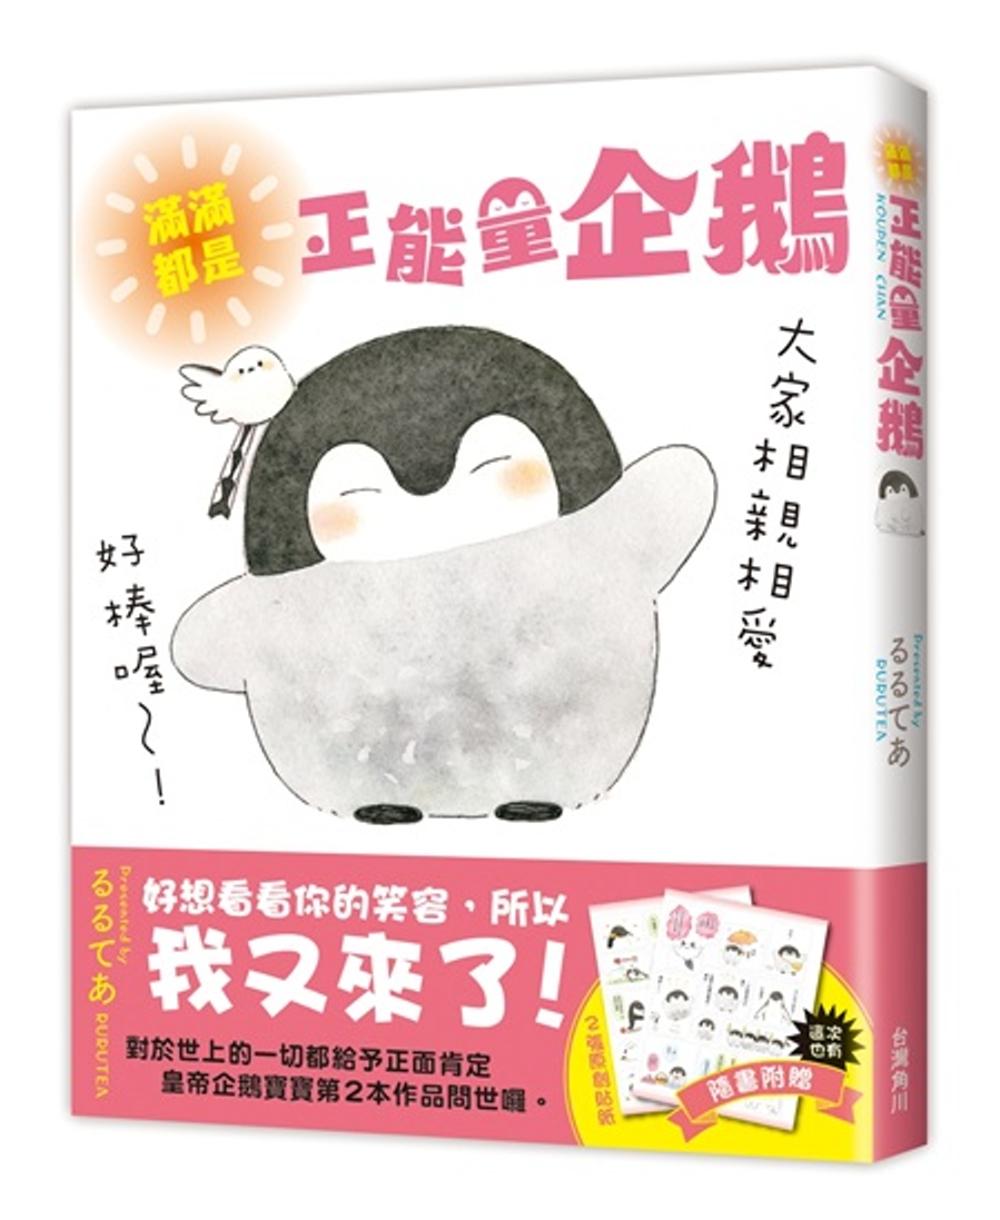 滿滿都是正能量企鵝Koupen Chan